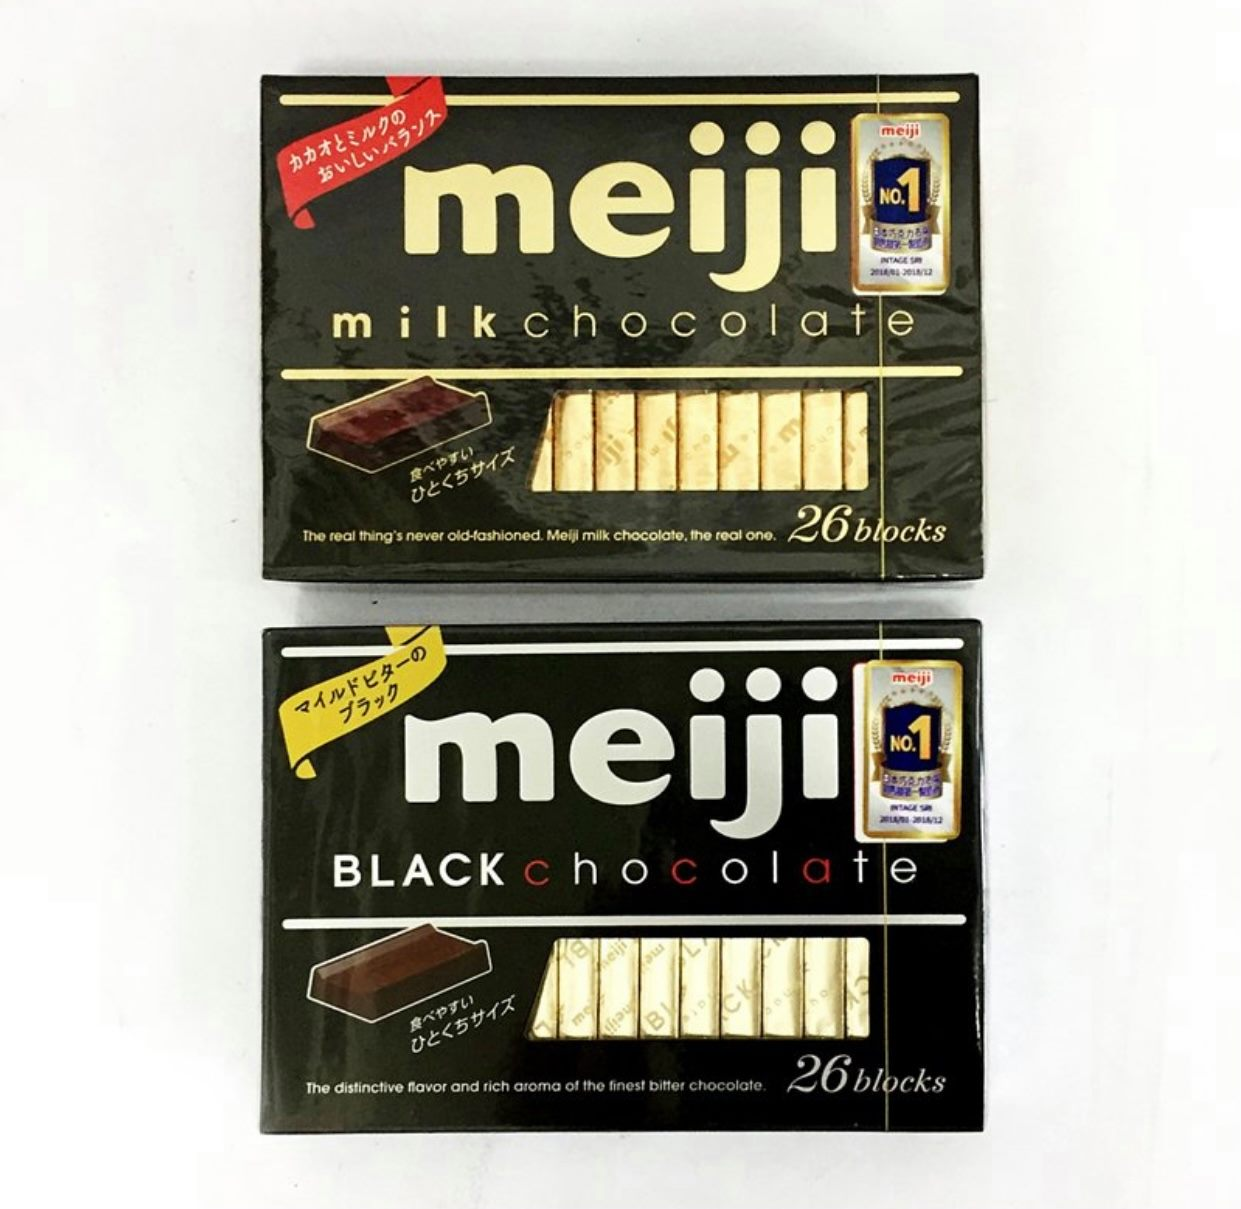 明治meiji 26枚盒裝巧克力 - 牛奶巧克力/黑巧克力 120g